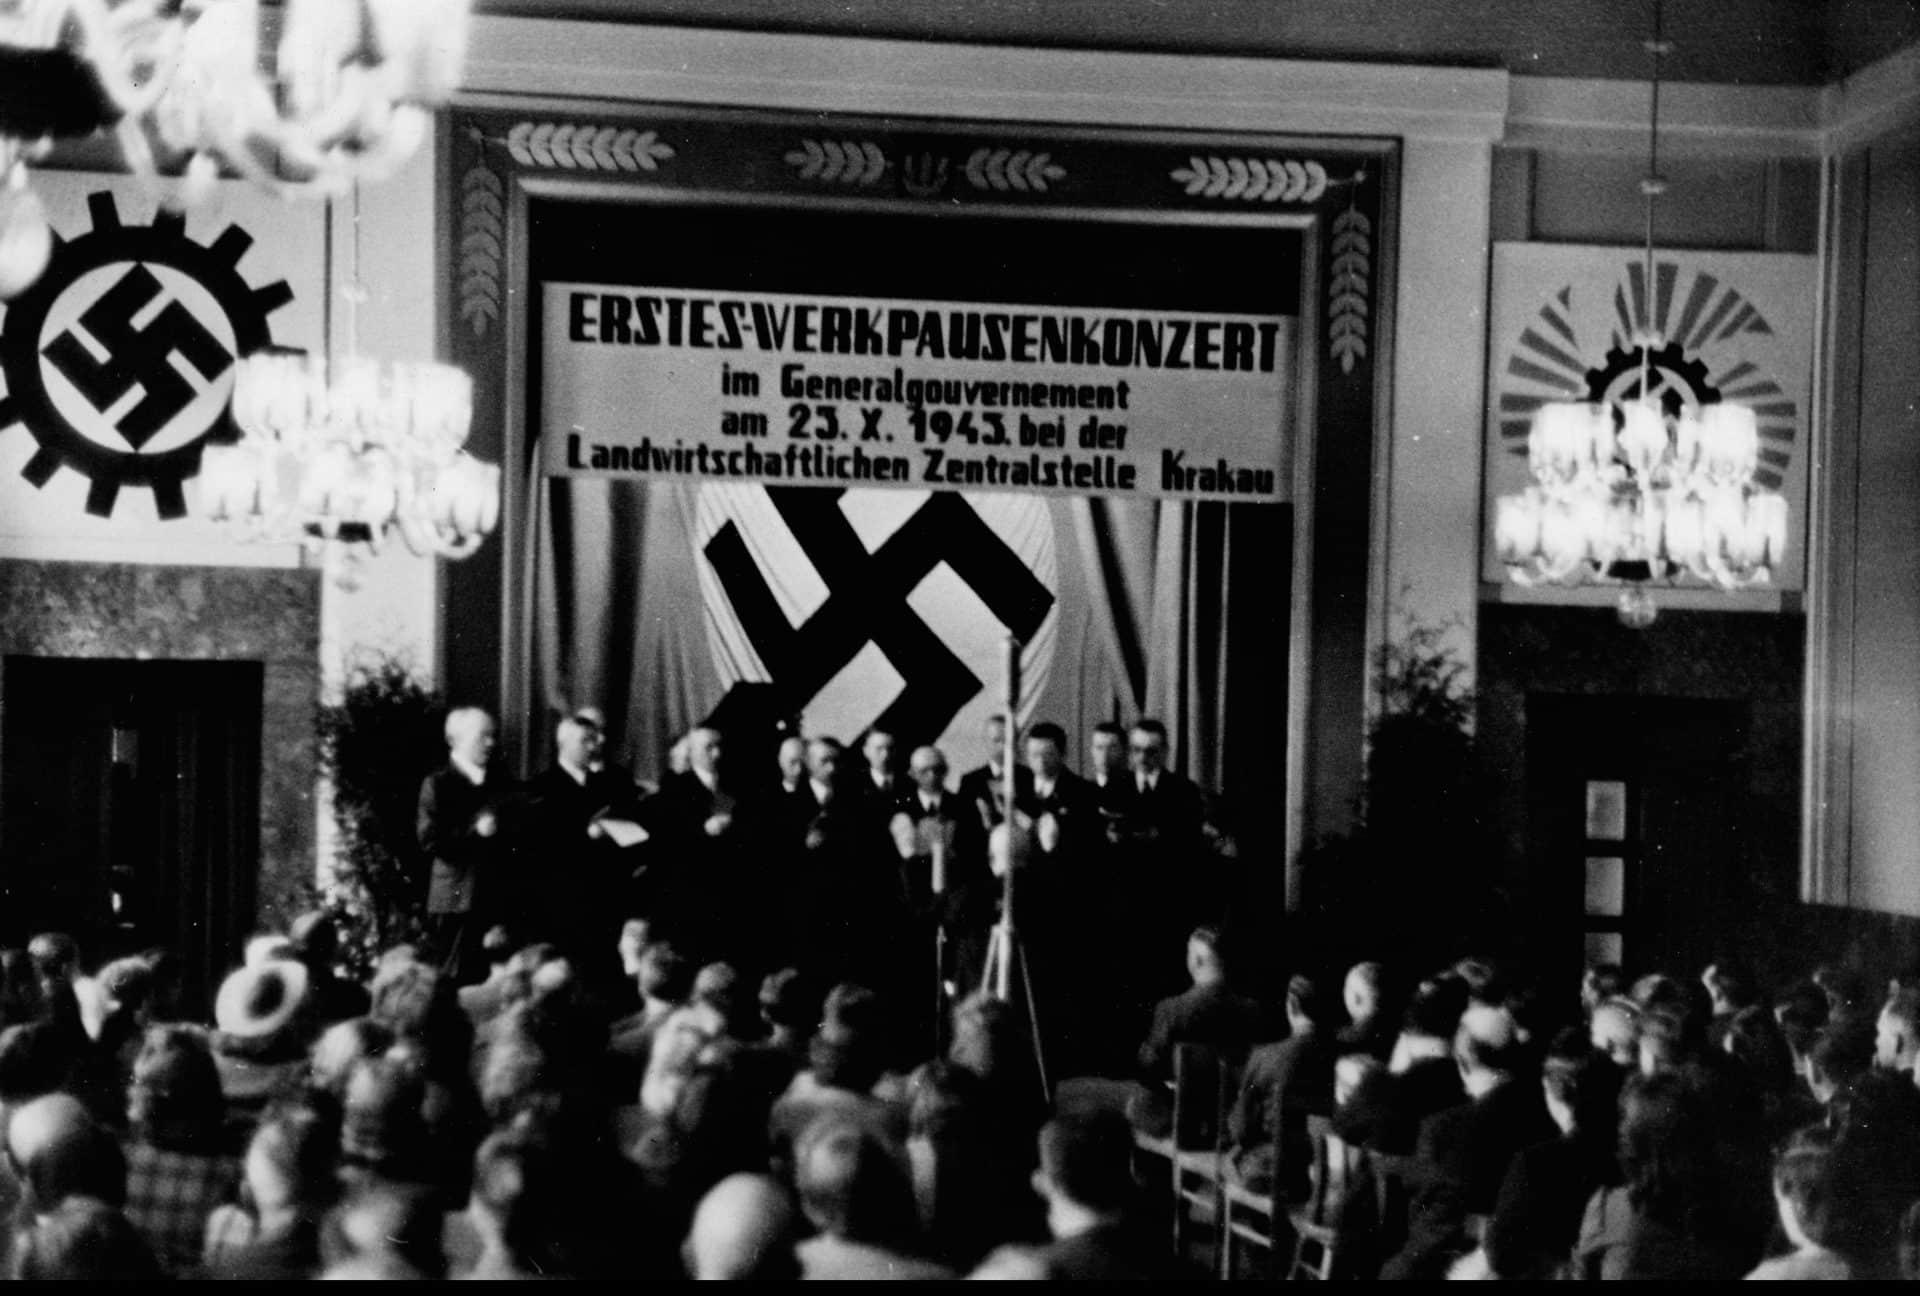 Koncert w centrali rolniczej w Krakowie w 1943 roku. Źródło: Narodowe Archiwum Cyfrowe.